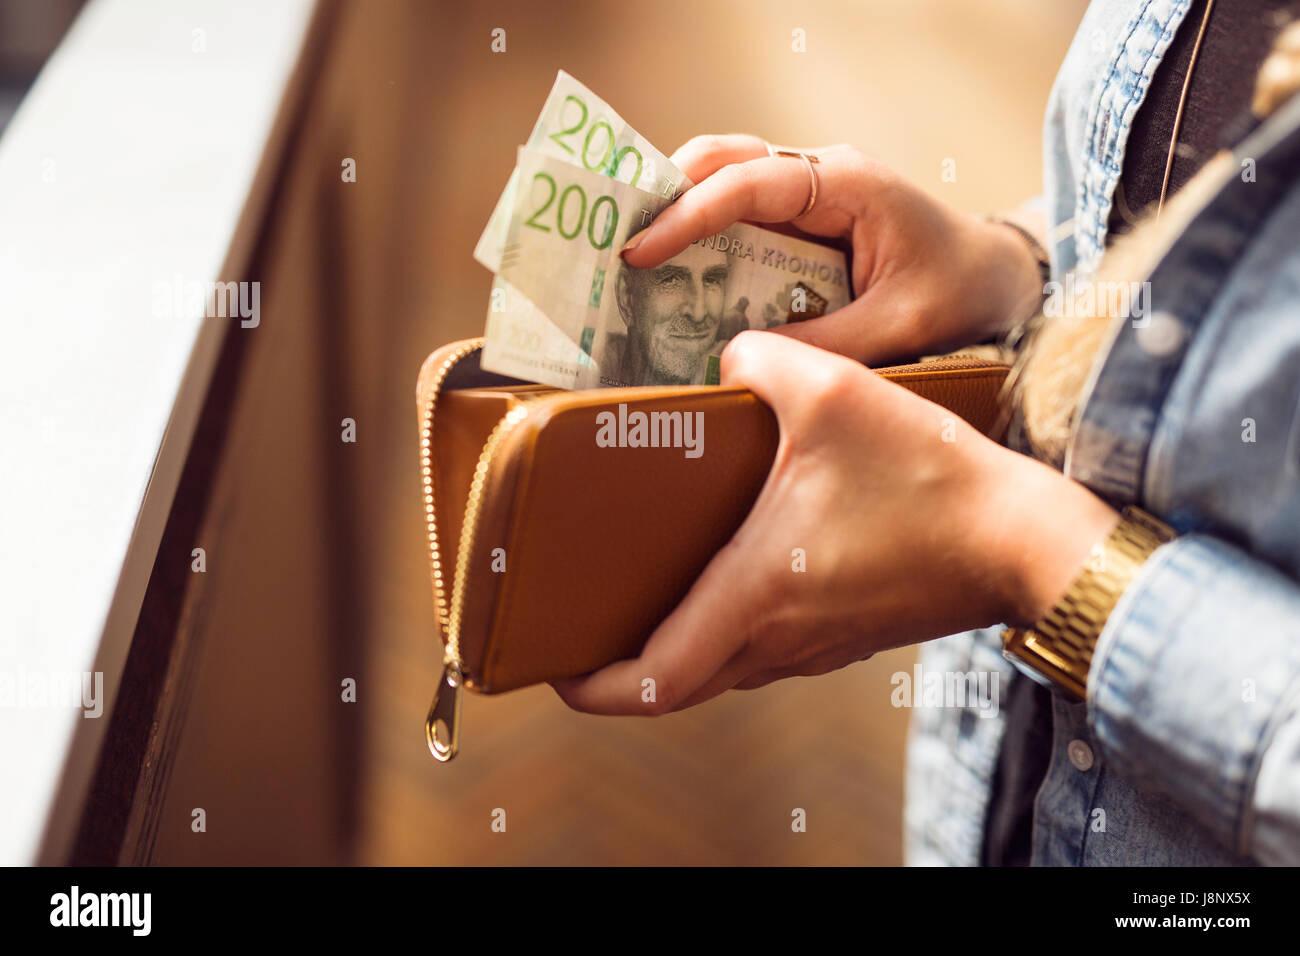 Mujer sosteniendo billetera abierto y billetes Foto de stock